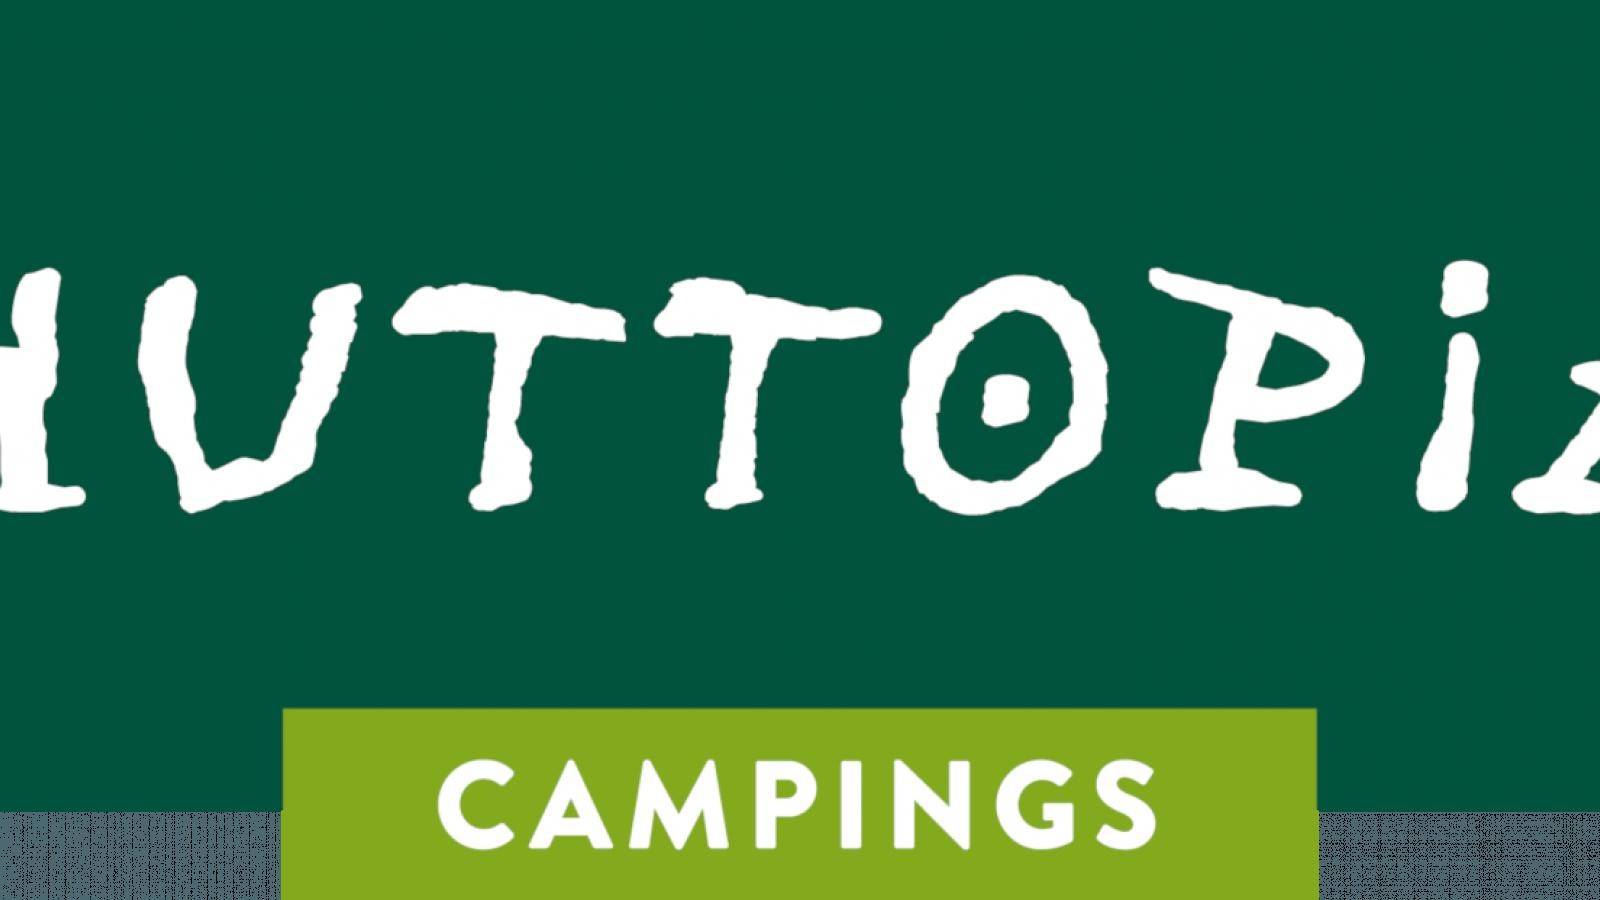 Logo - Camping Huttopia